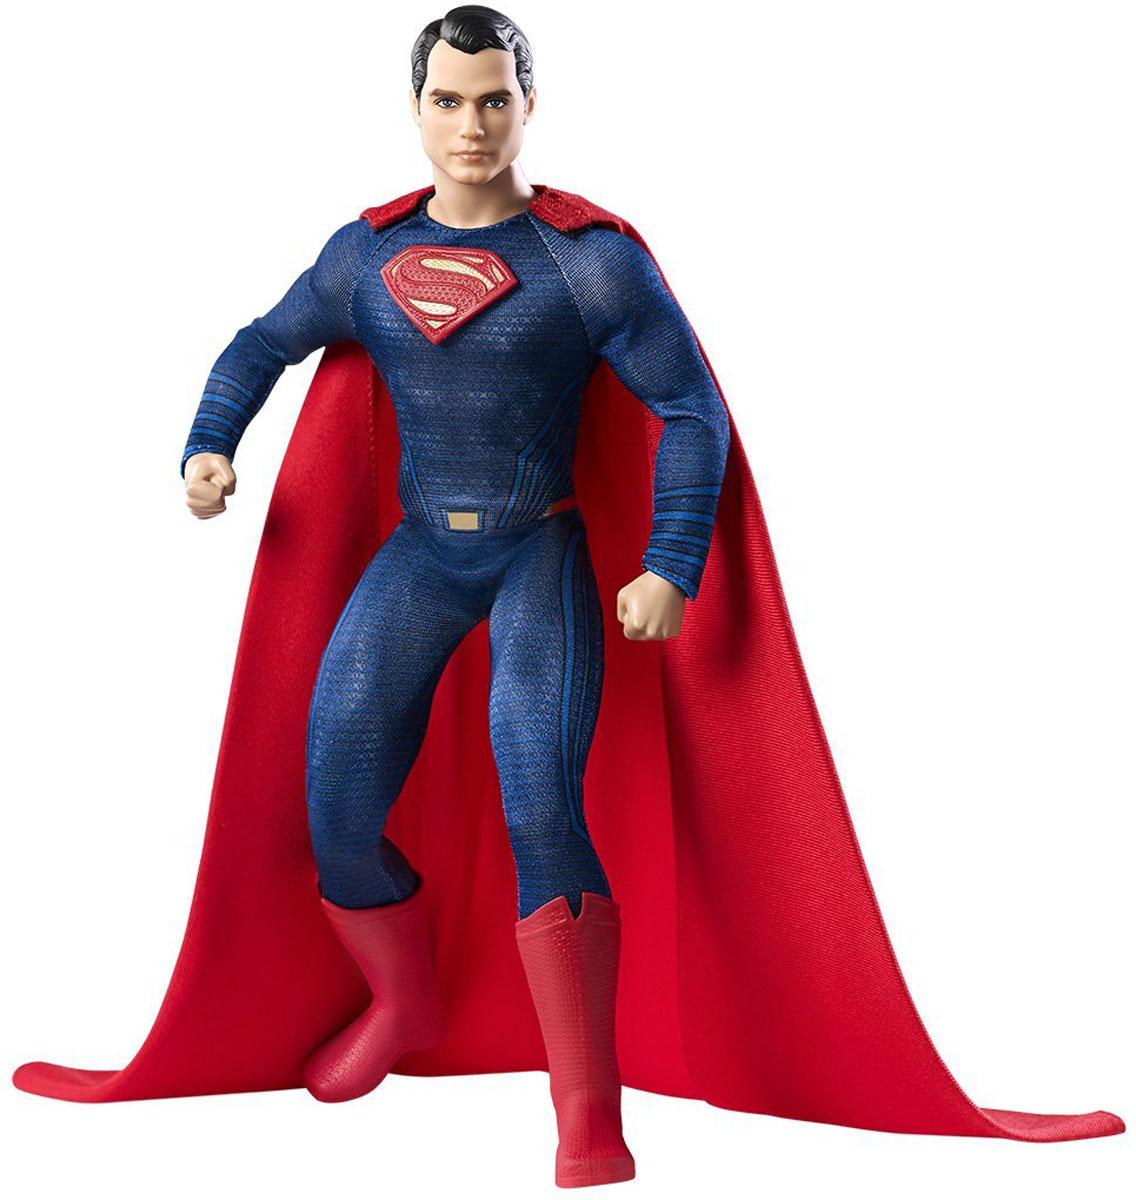 Barbie Кукла СуперменDGY03_DGY06Кукла Barbie Супермен посвящена выходу фильма Бэтмен против Супермена. Кукла предстает в образе одного из главных персонажей. Супермен, кто он? Спаситель или инопланетная угроза? Может ли этот милый молодой человек с темными волосами и ярко-синими глазами нести опасность? Кукла одета в облегающий костюм синего цвета с нашитой буквой S на груди, красный плащ и высокие красные сапоги. Решите на чьей вы стороне!